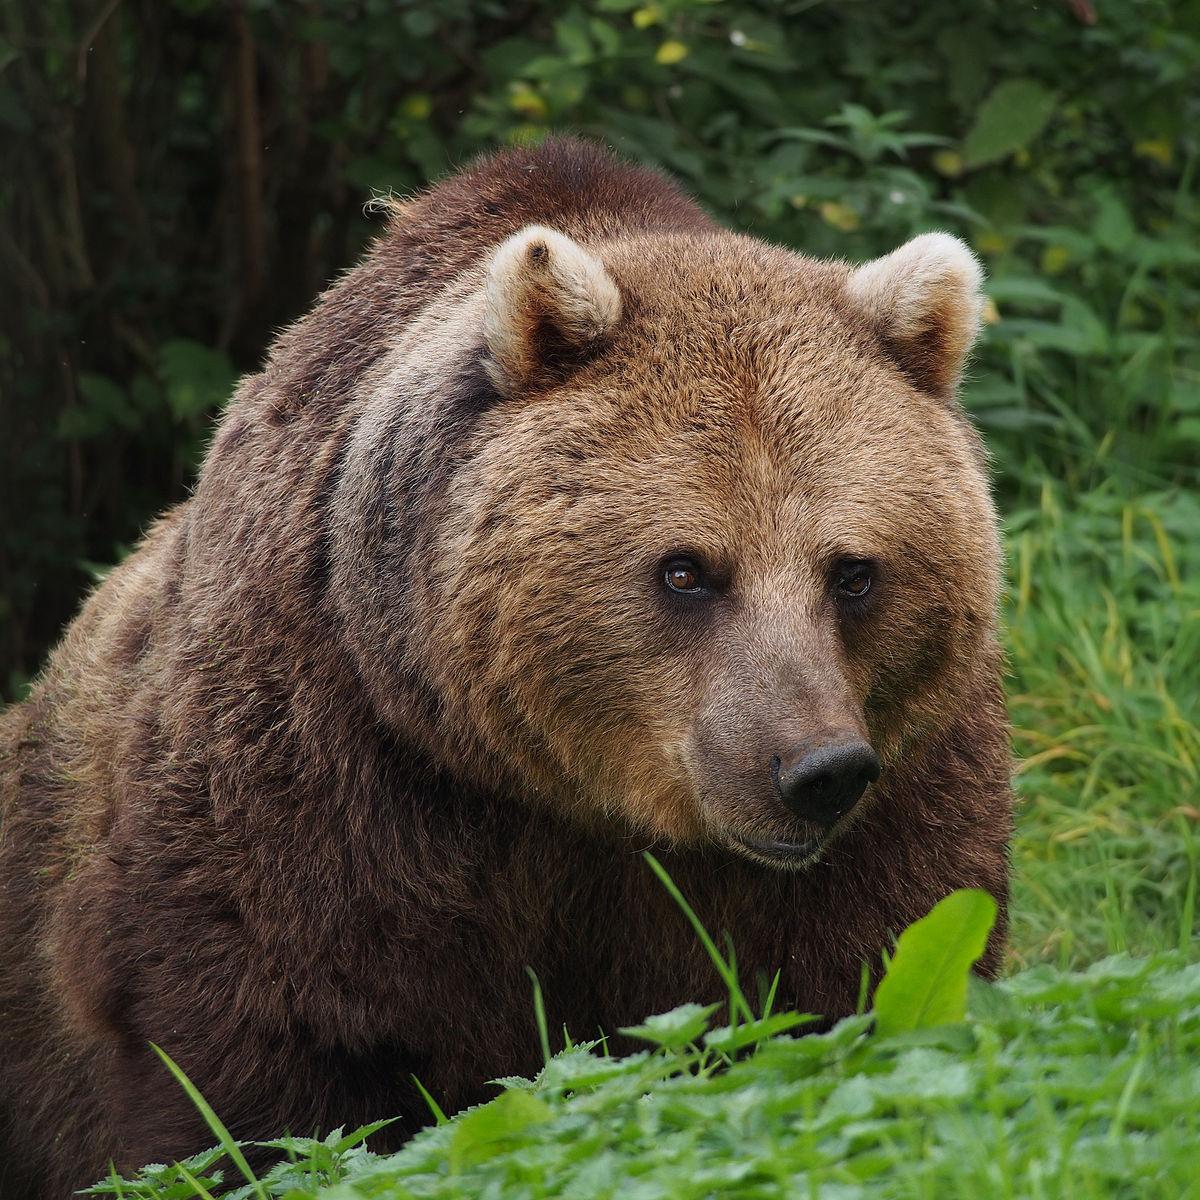 Eurasian brown bear - Wikipedia Bear